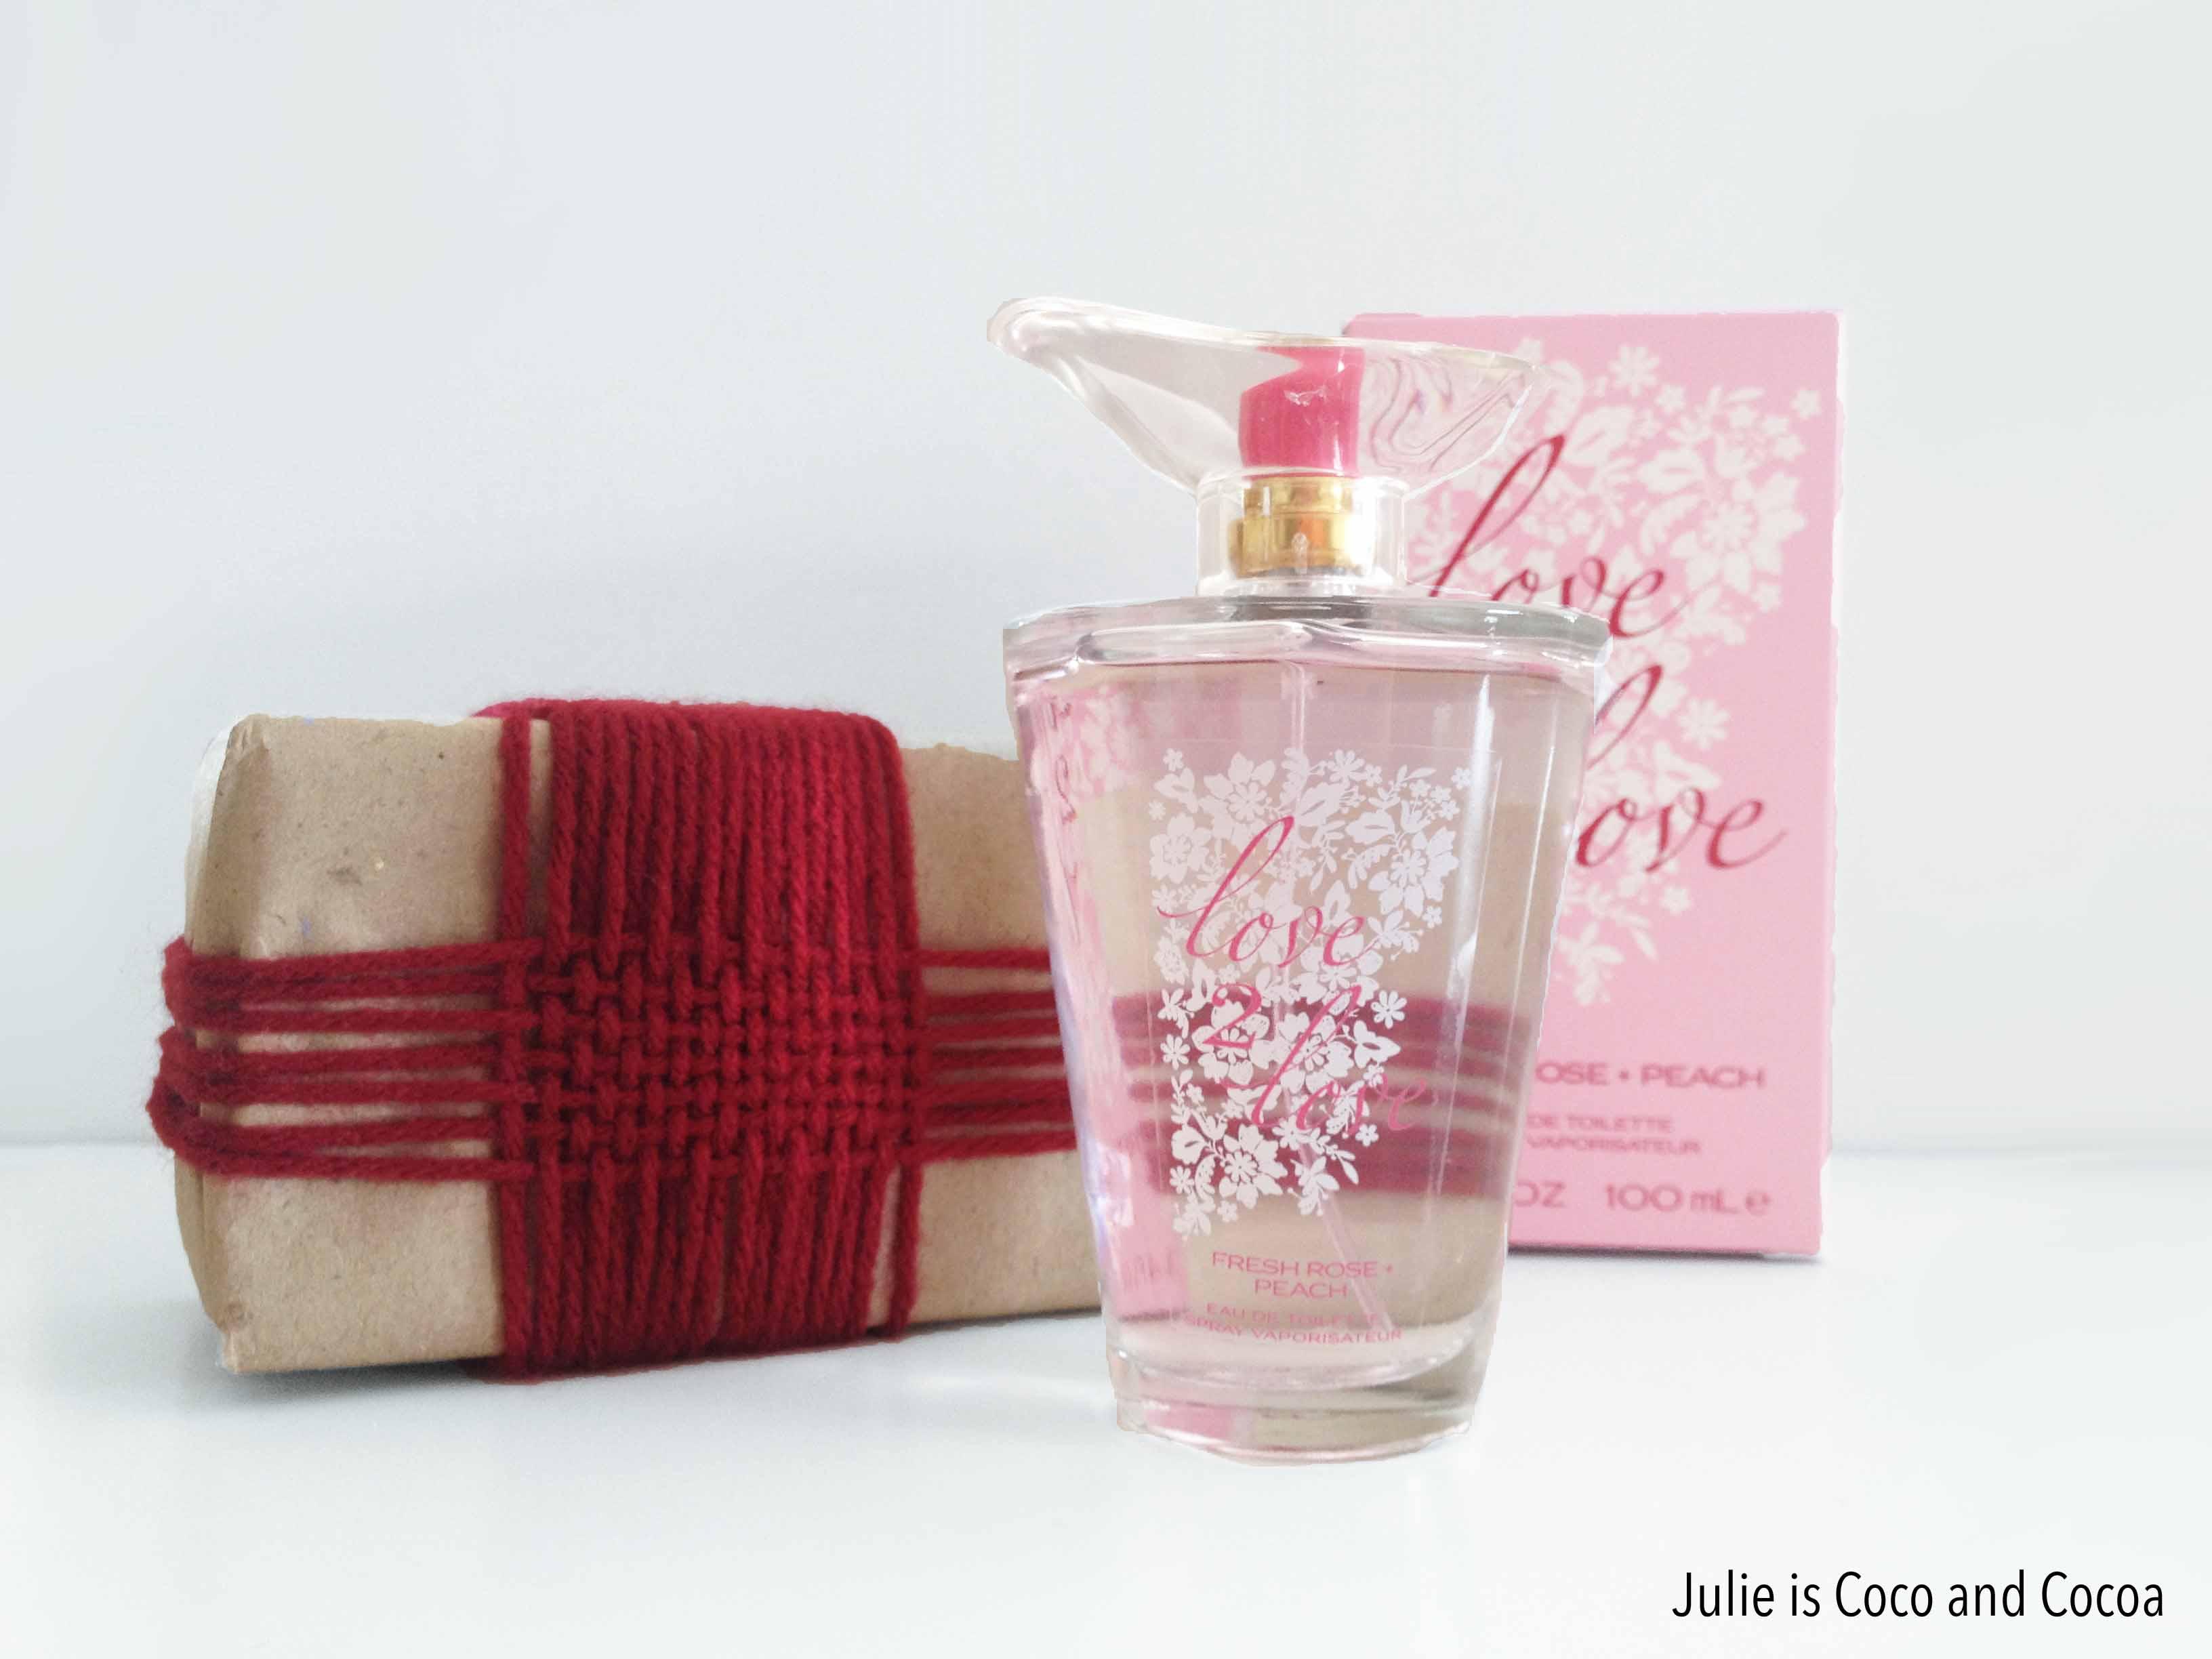 love2love fresh rose peach wrapped